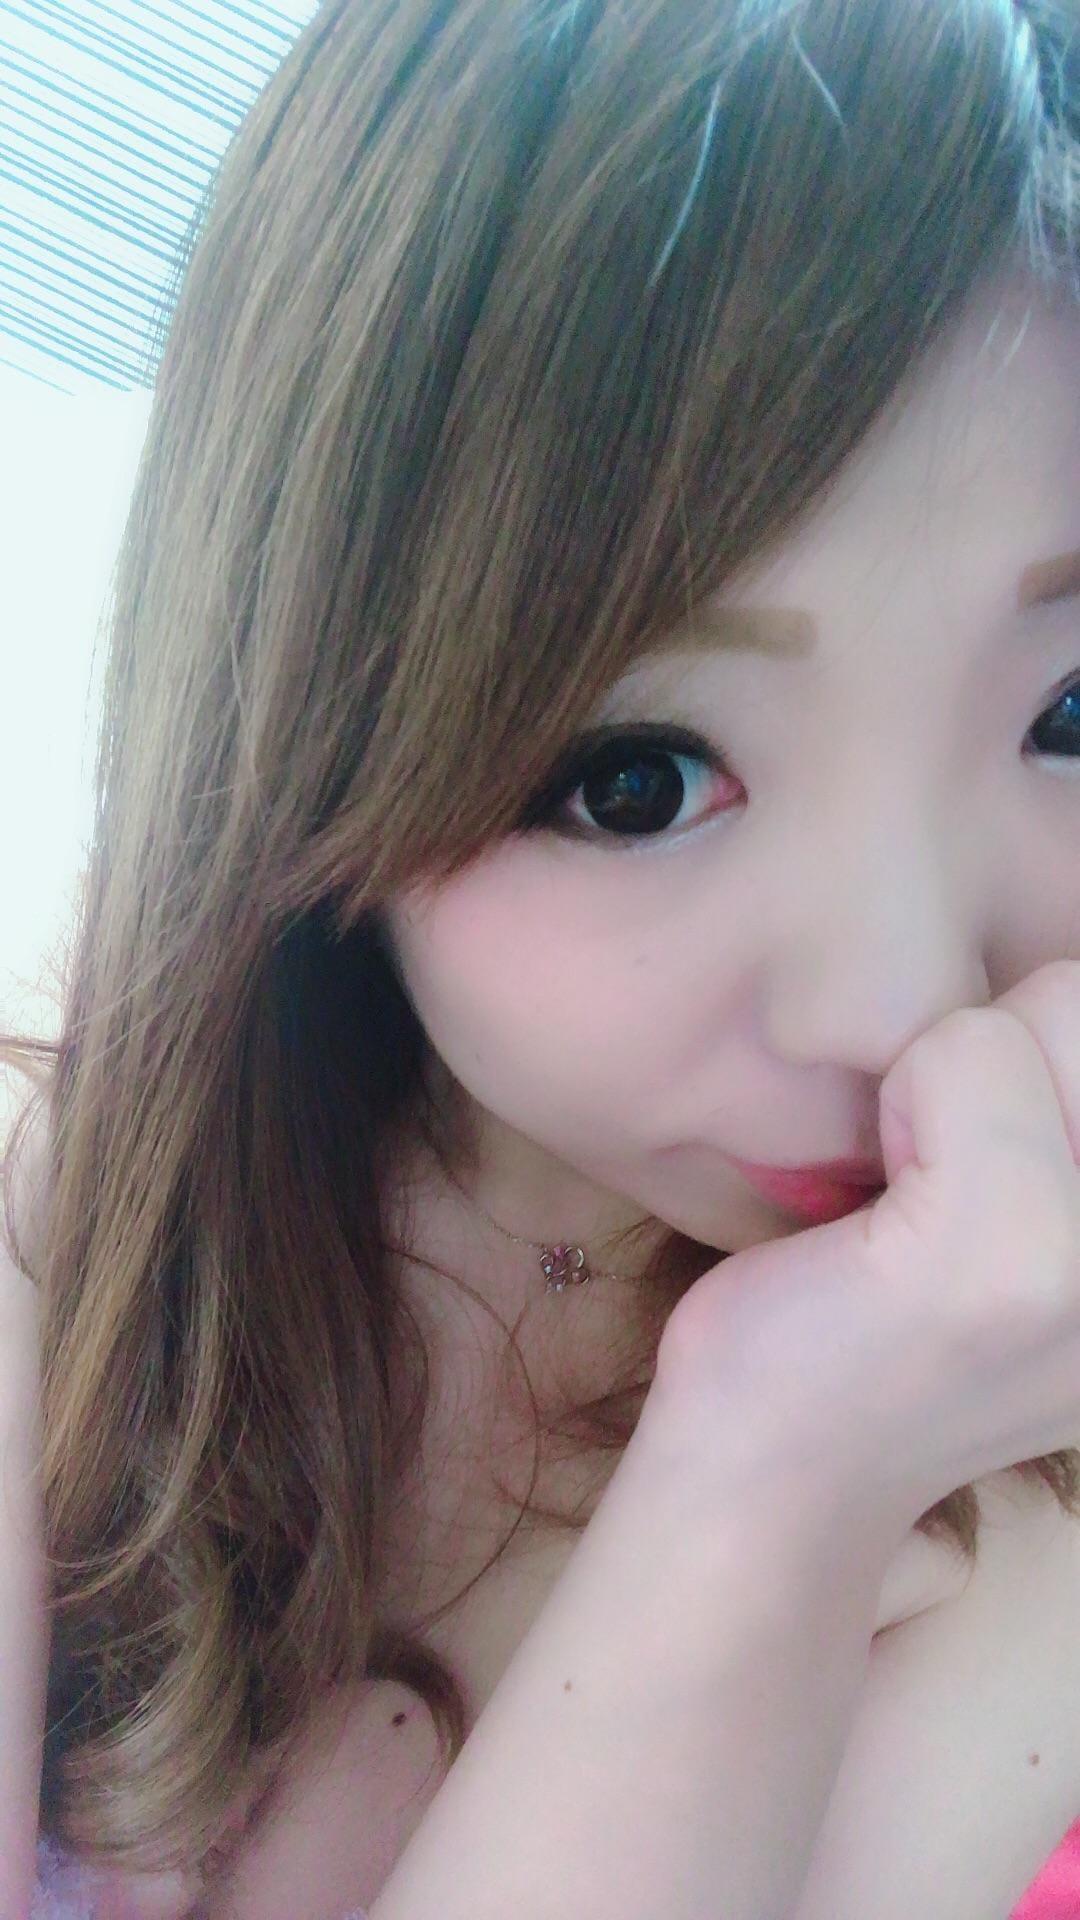 「ありがとう♡」09/25(火) 20:01   サクラの写メ・風俗動画